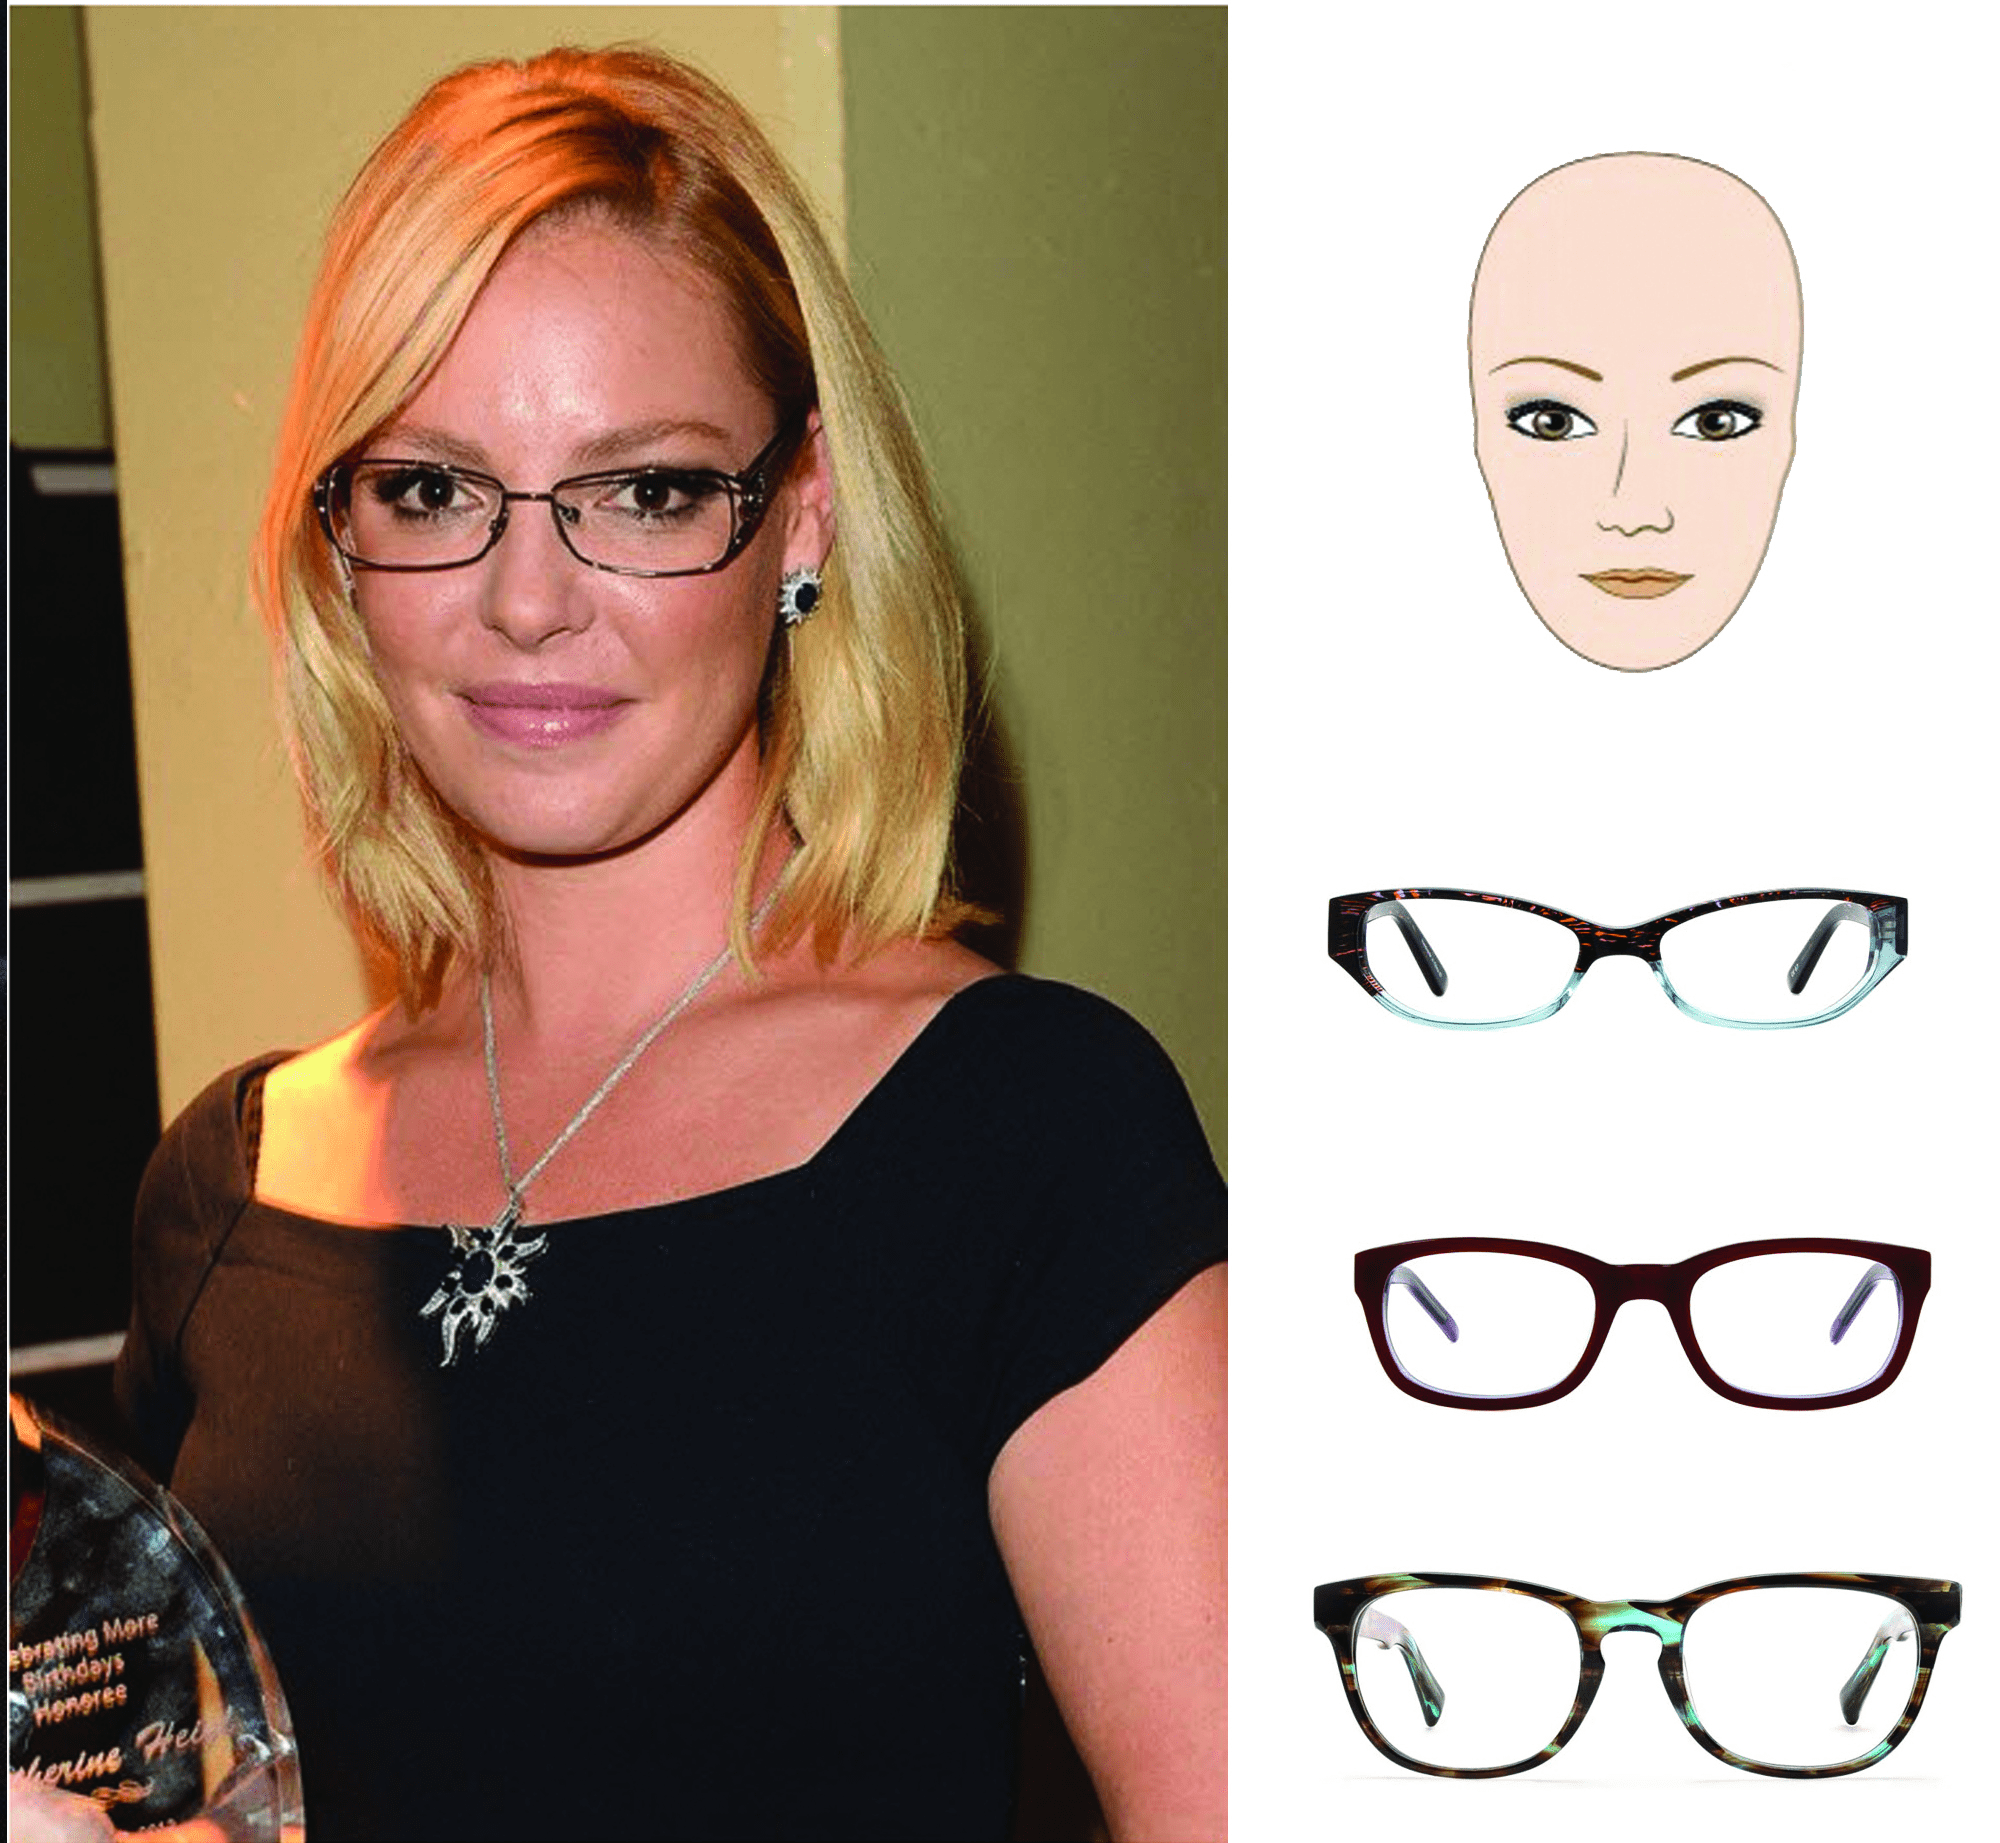 3c00c1b79 النظارات التي تتناسب مع كل شكل وجه - موسوعة